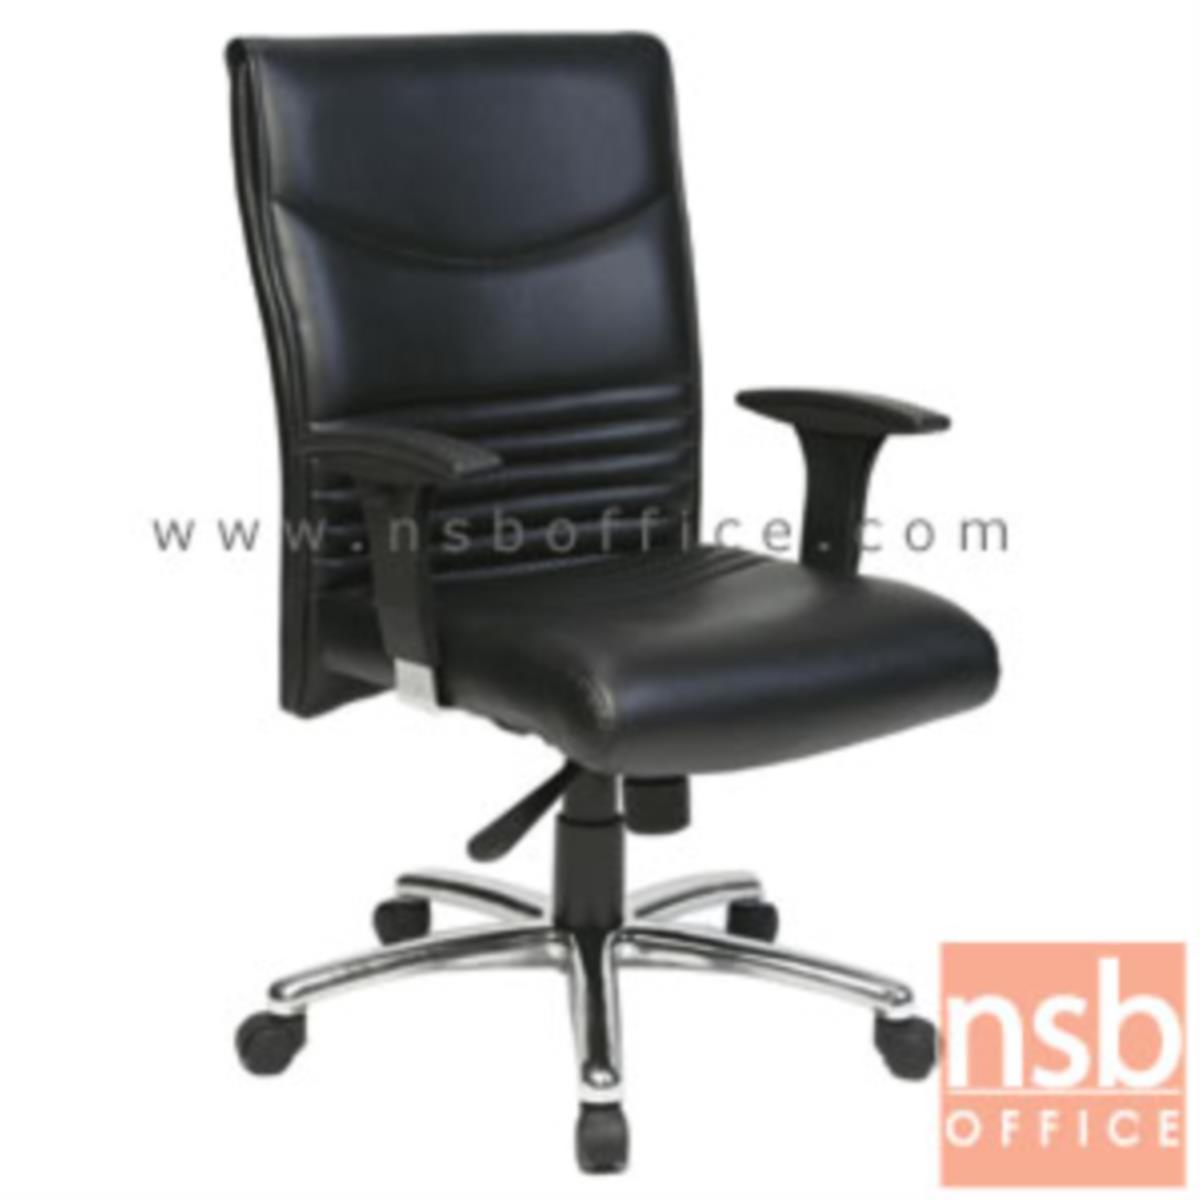 B26A061:เก้าอี้หัวหน้างาน รุ่น UD-3545-44  โช๊คแก๊ส มีก้อนโยก ขาอลูมิเนียม